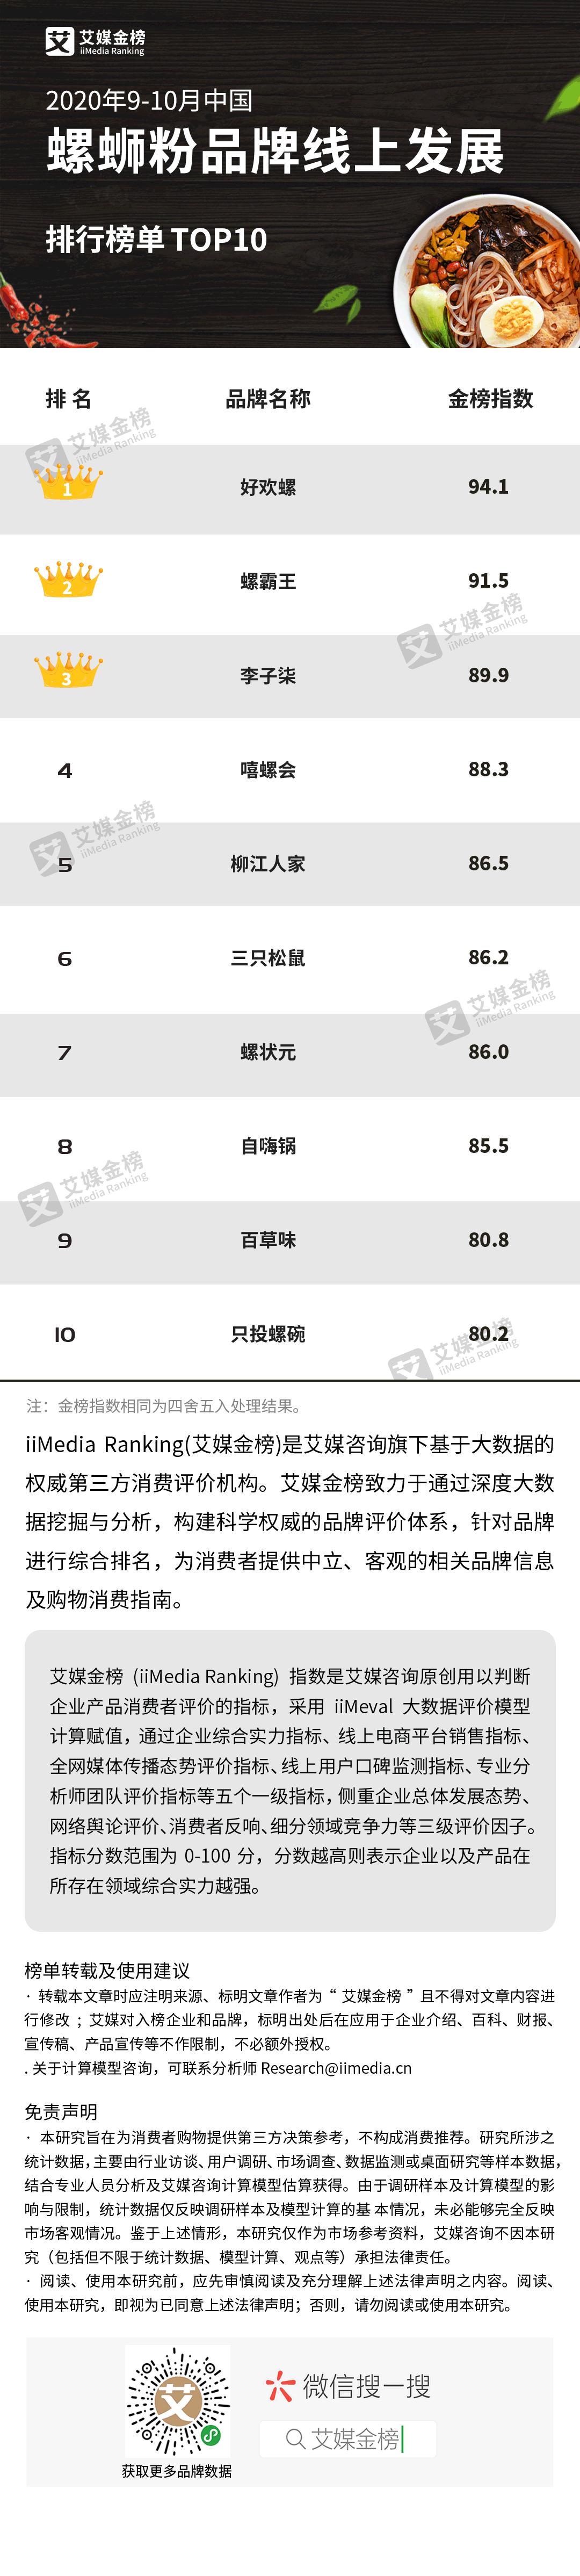 艾媒金榜| 2020年9-10月中国螺蛳粉品牌线上发展排行榜单TOP10